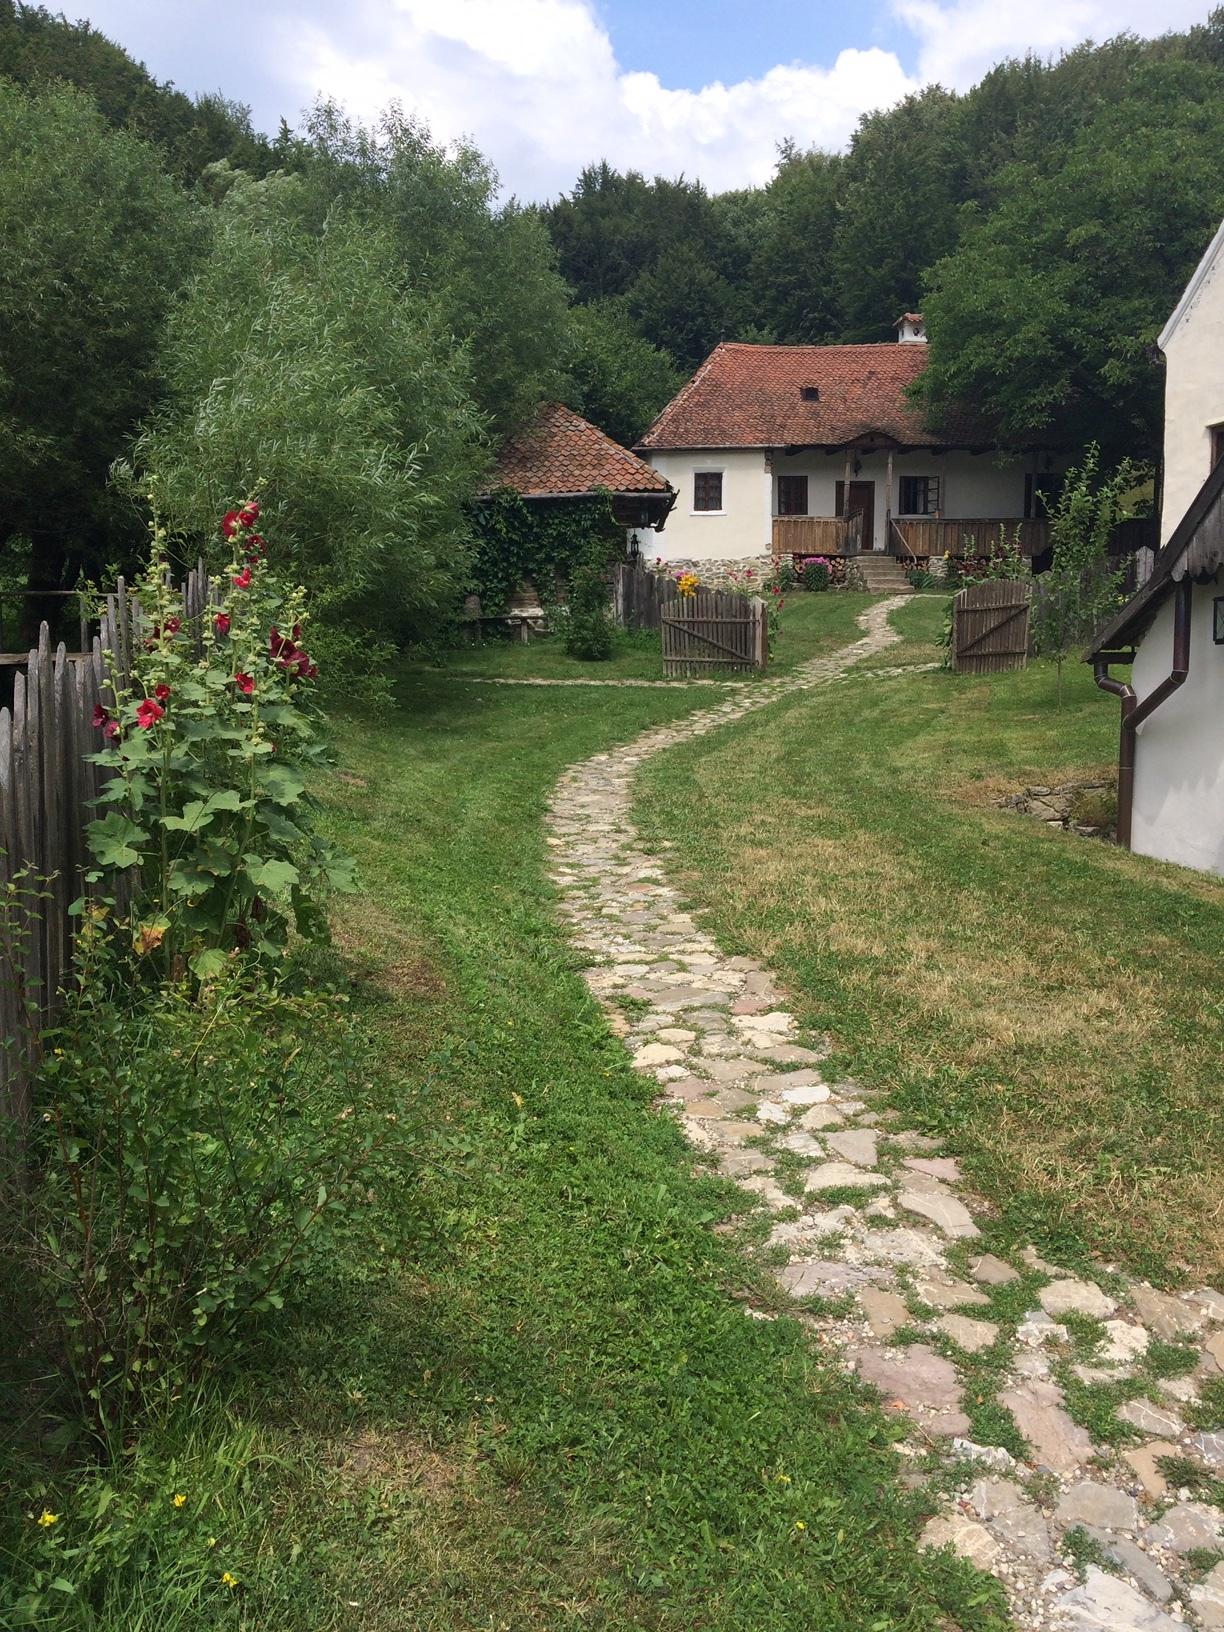 Transylvania-florilegium